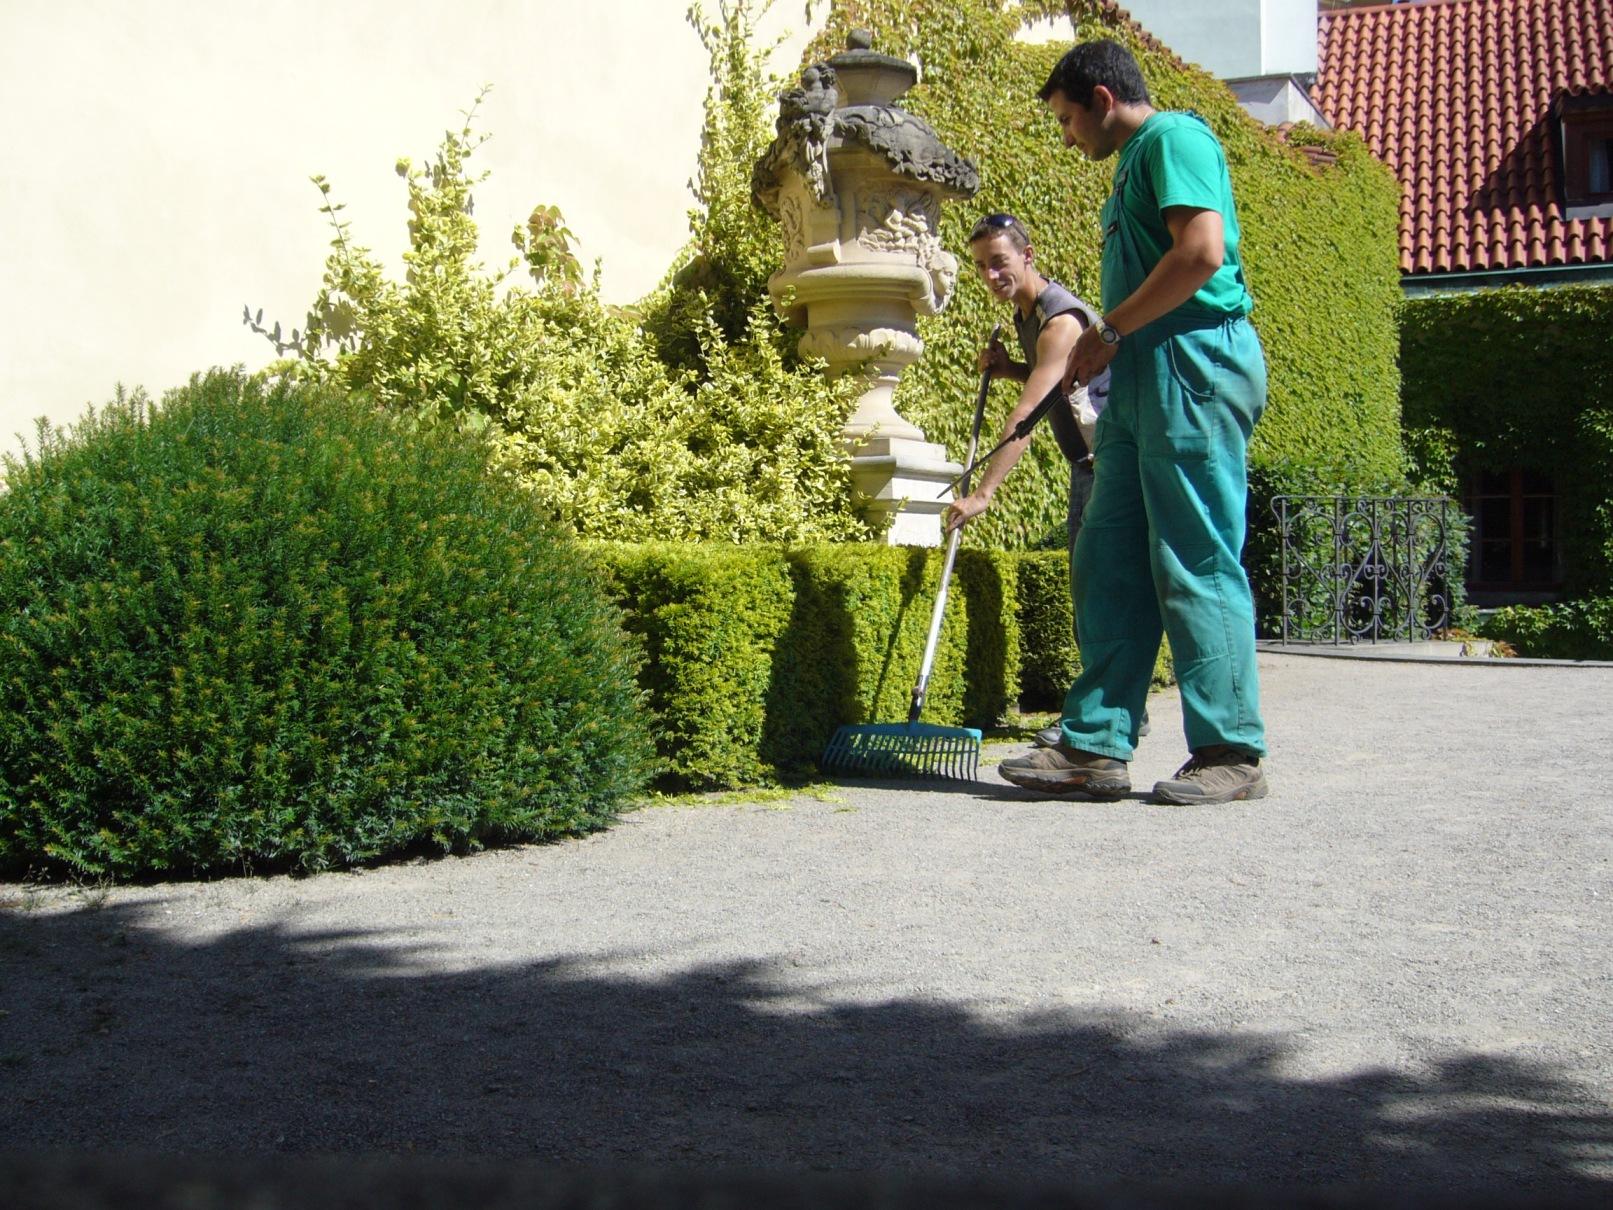 Vrtbovská zahrada - stříhání živých plotů